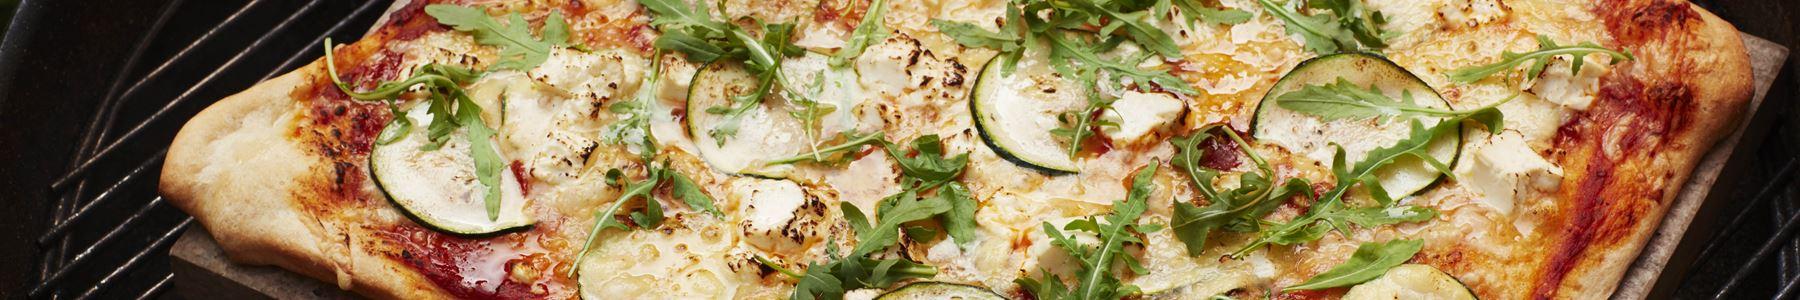 Opskrifter Hjemmelavet Pizza